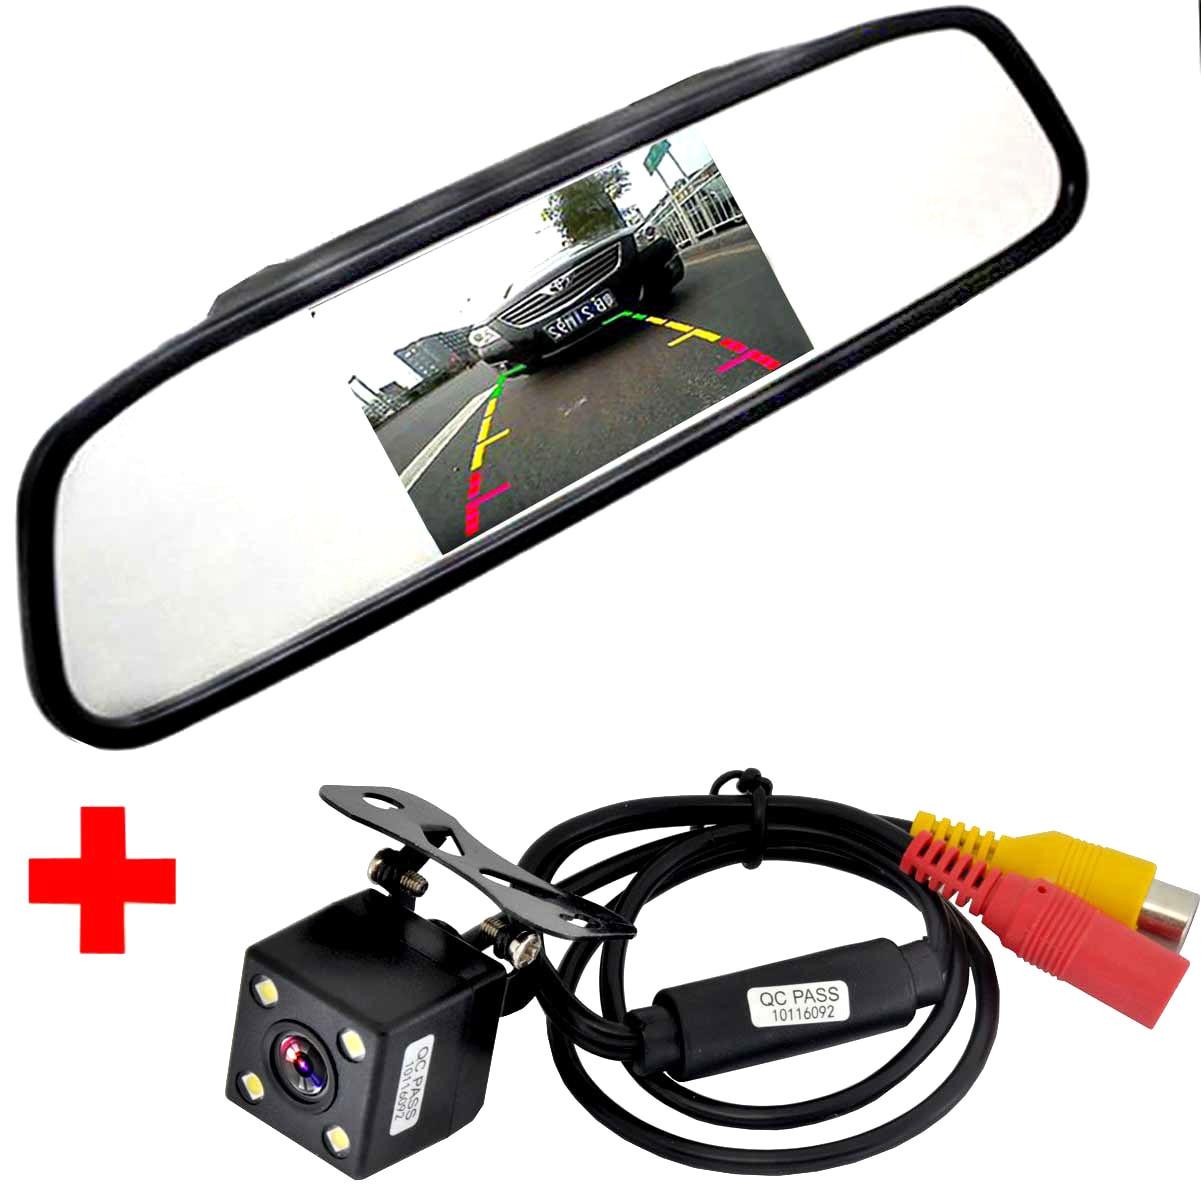 רכב HD וידאו אוטומטי חניה צג, LED ראיית לילה היפוך CCD רכב אחורי תצוגת מצלמה עם 4.3 אינץ רכב Rearview מירור צג